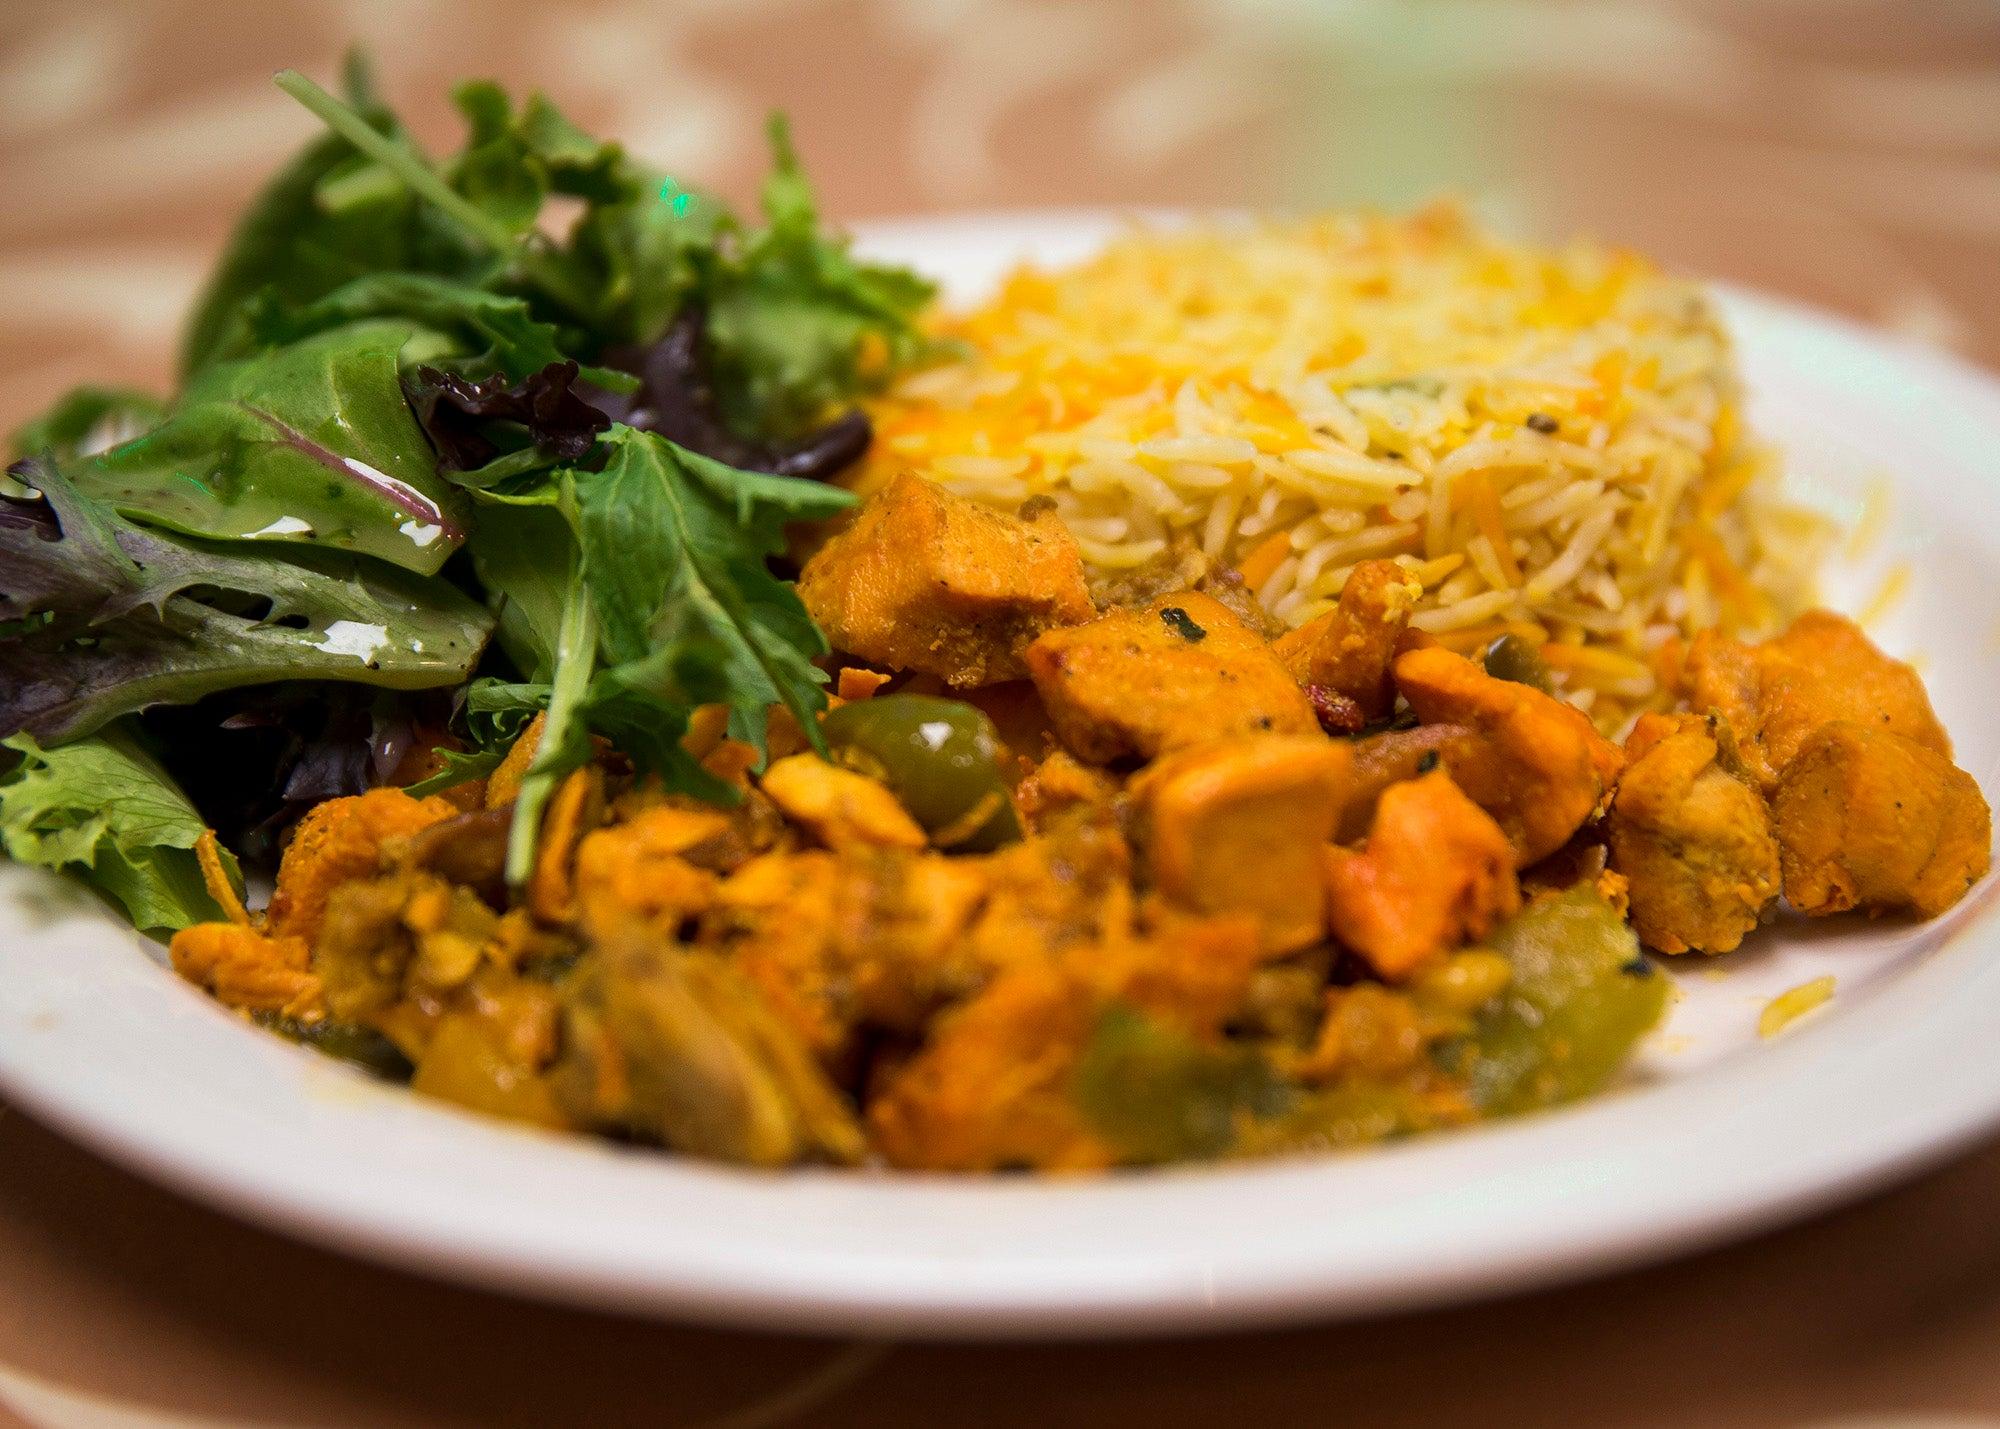 Chicken biryani is pictured at Tawakal Halal Cafe